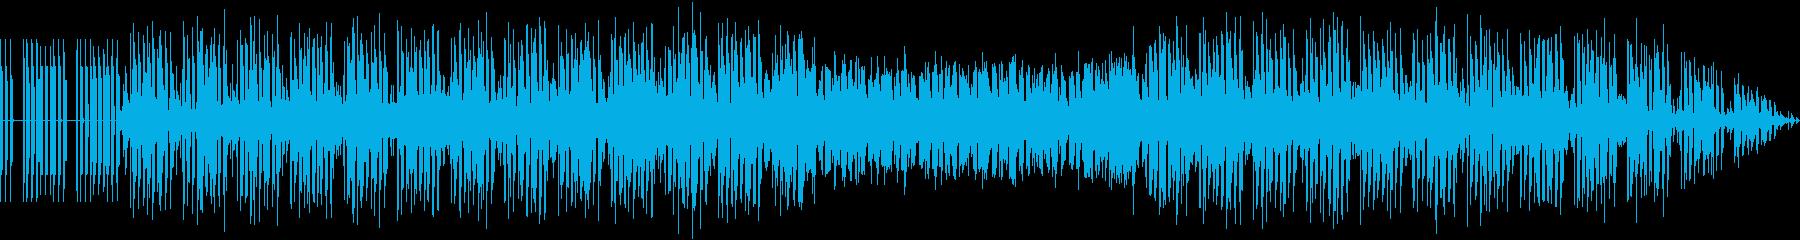 アンビエント、インストゥルメンタル...の再生済みの波形